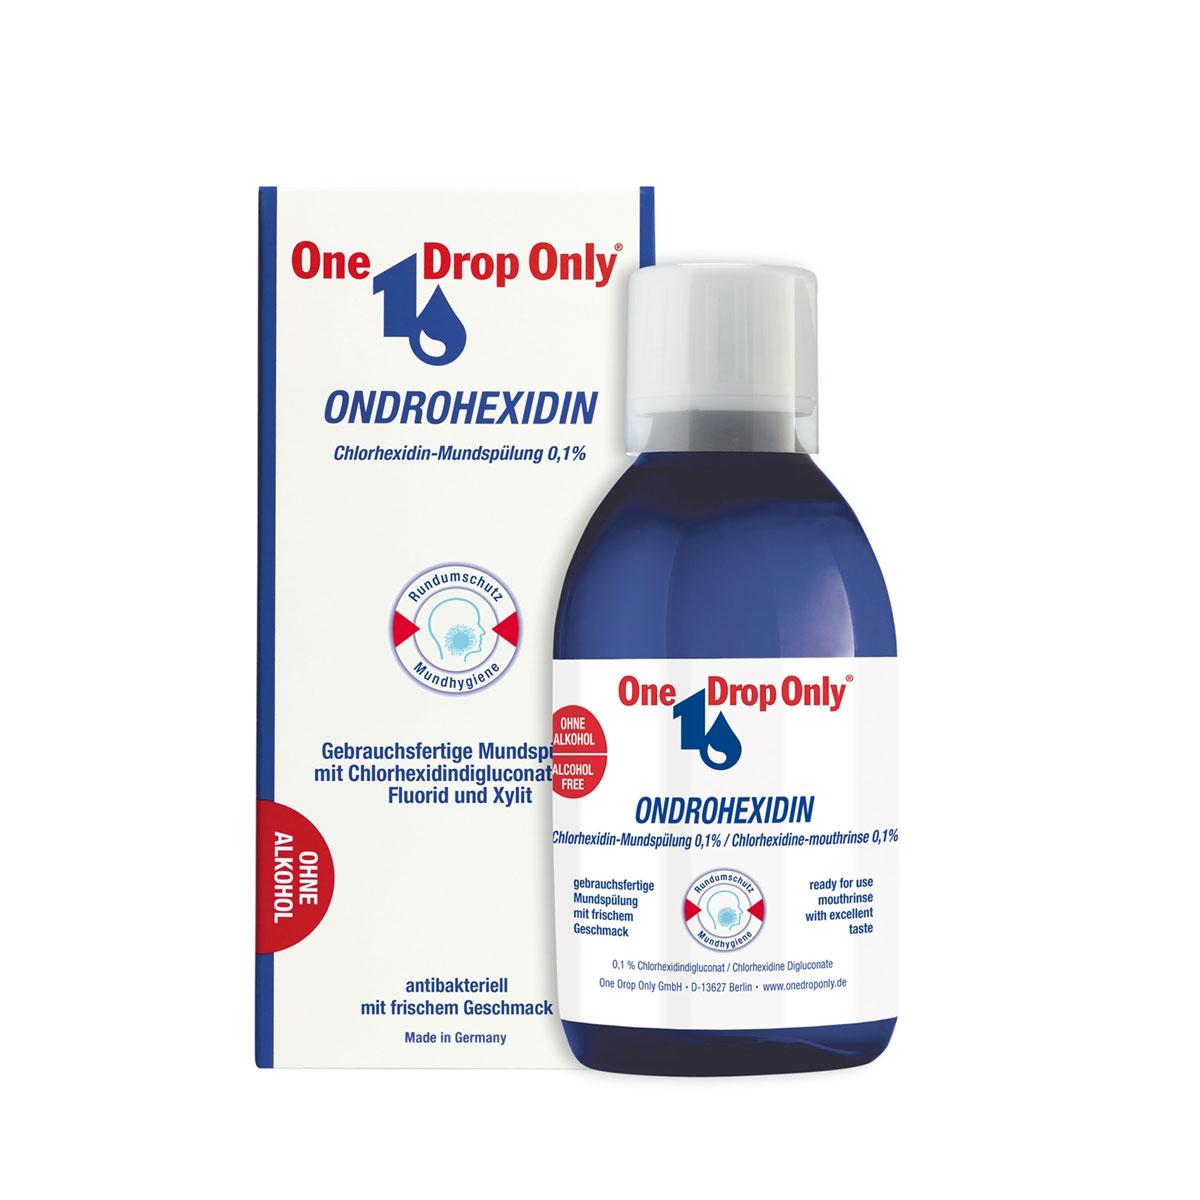 One Drop Only Ополаскиватель полости рта с хлоргексидином, 250 мл84850536_золушка/голубой, розовыйОполаскиватель полости рта на основе хлоргексидина, 250 мл